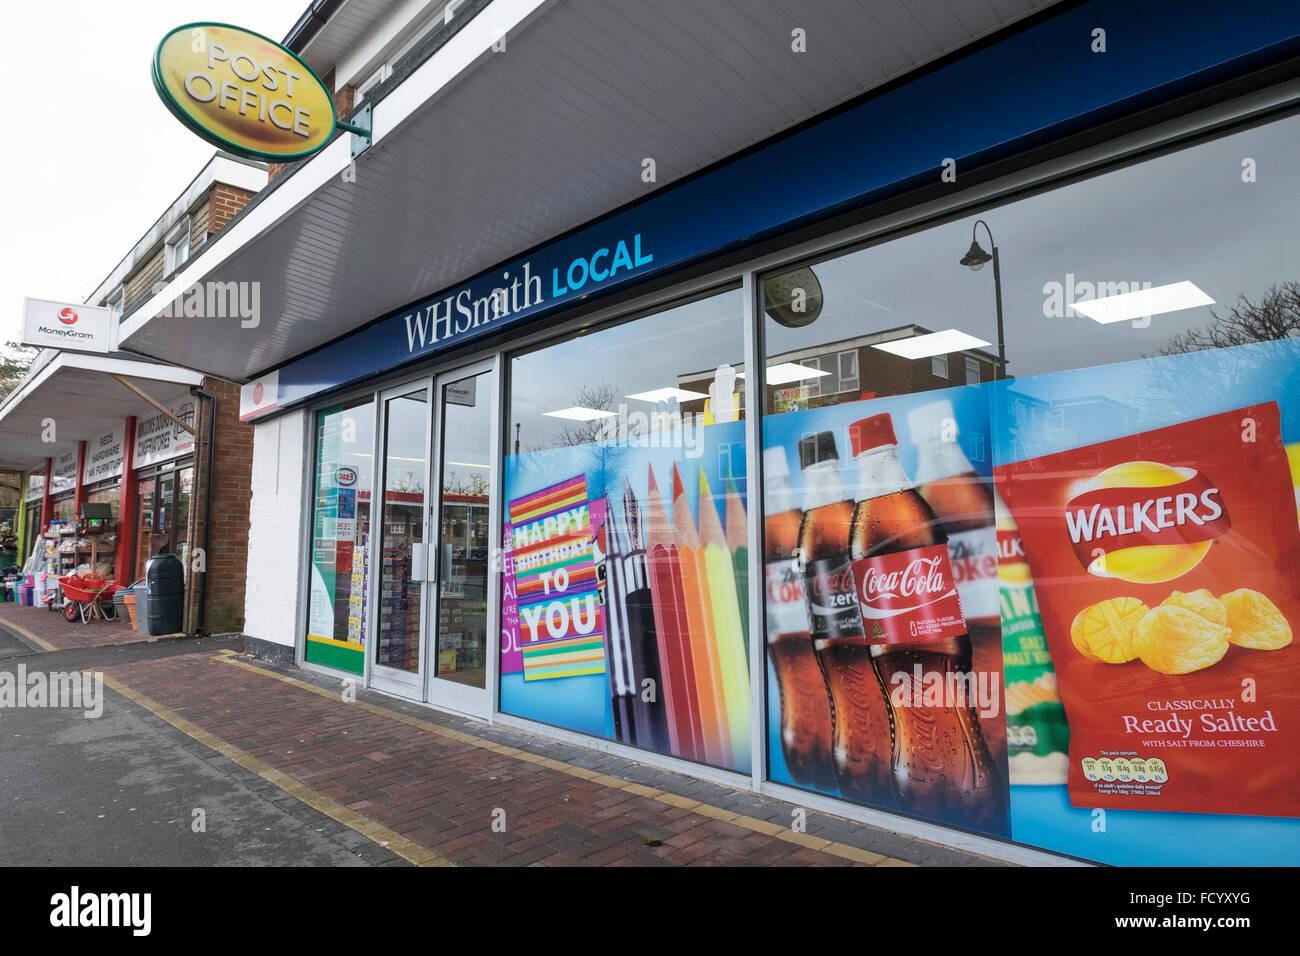 WH Smith en Dibden Tienda Local lindero en Hampshire. Imagen De Stock